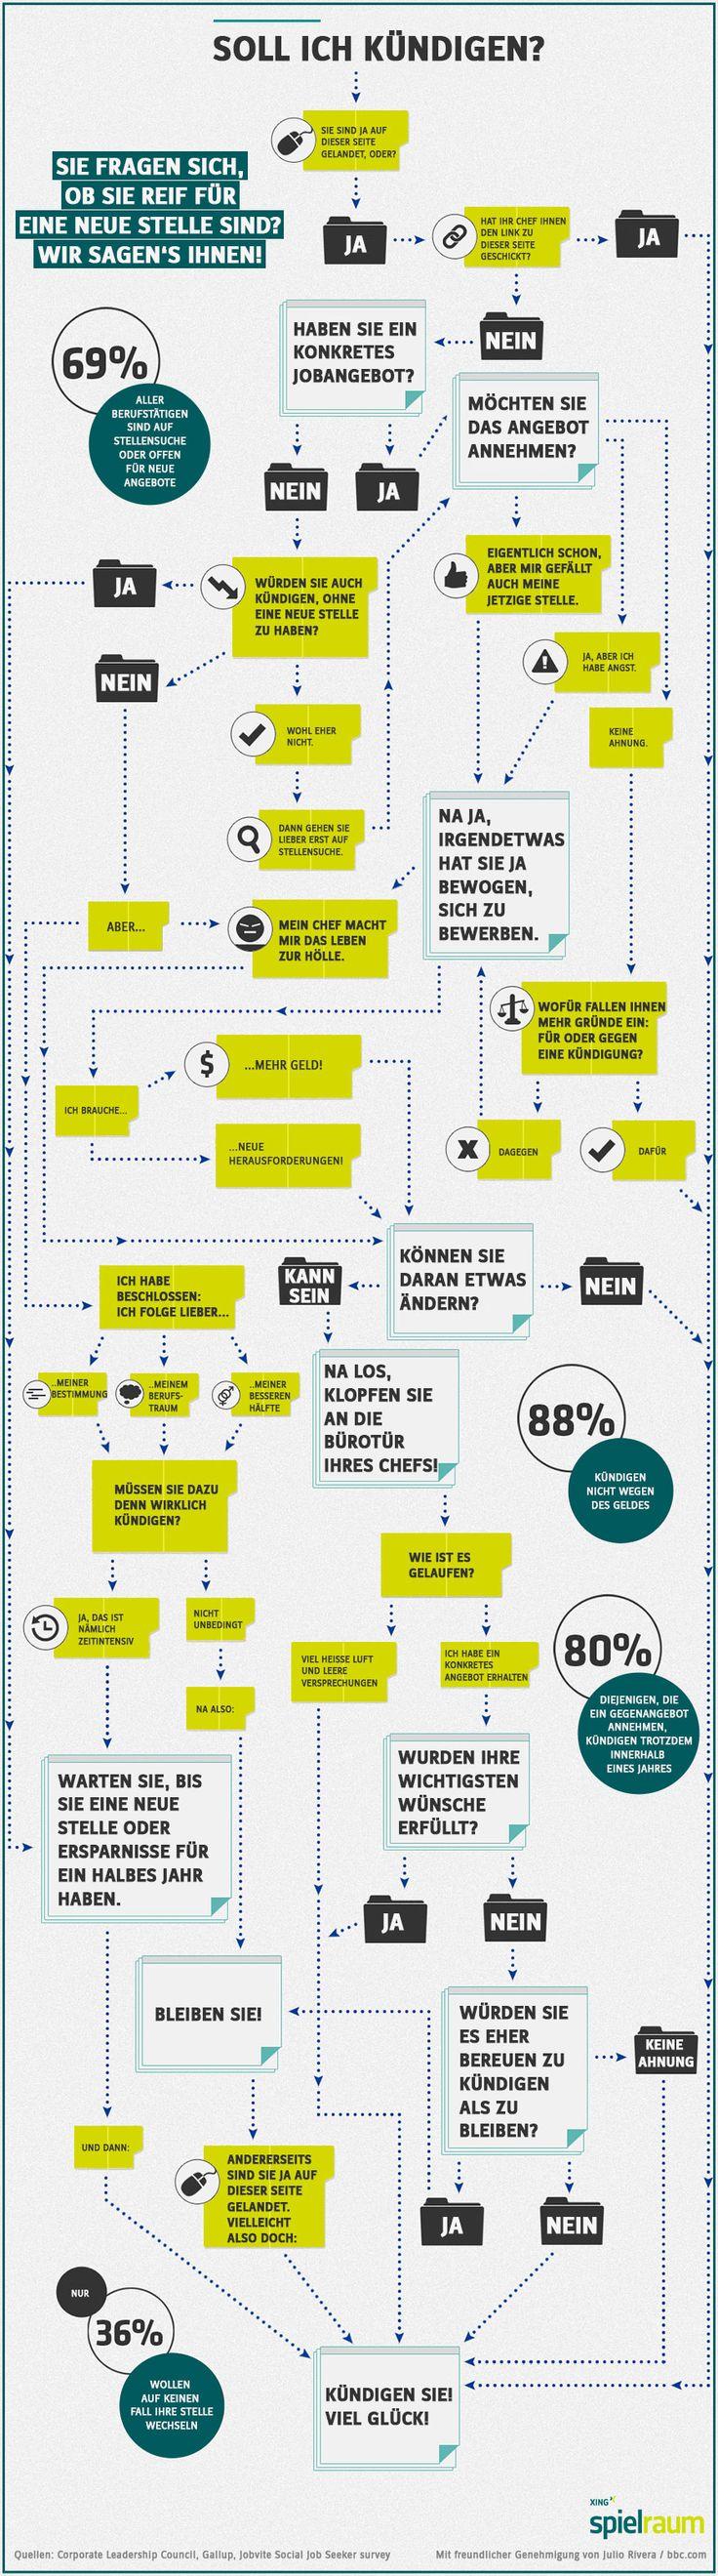 Test: Sind Sie reif für die Kündigung? Nette #Infografik bei spielraum von @xing_de